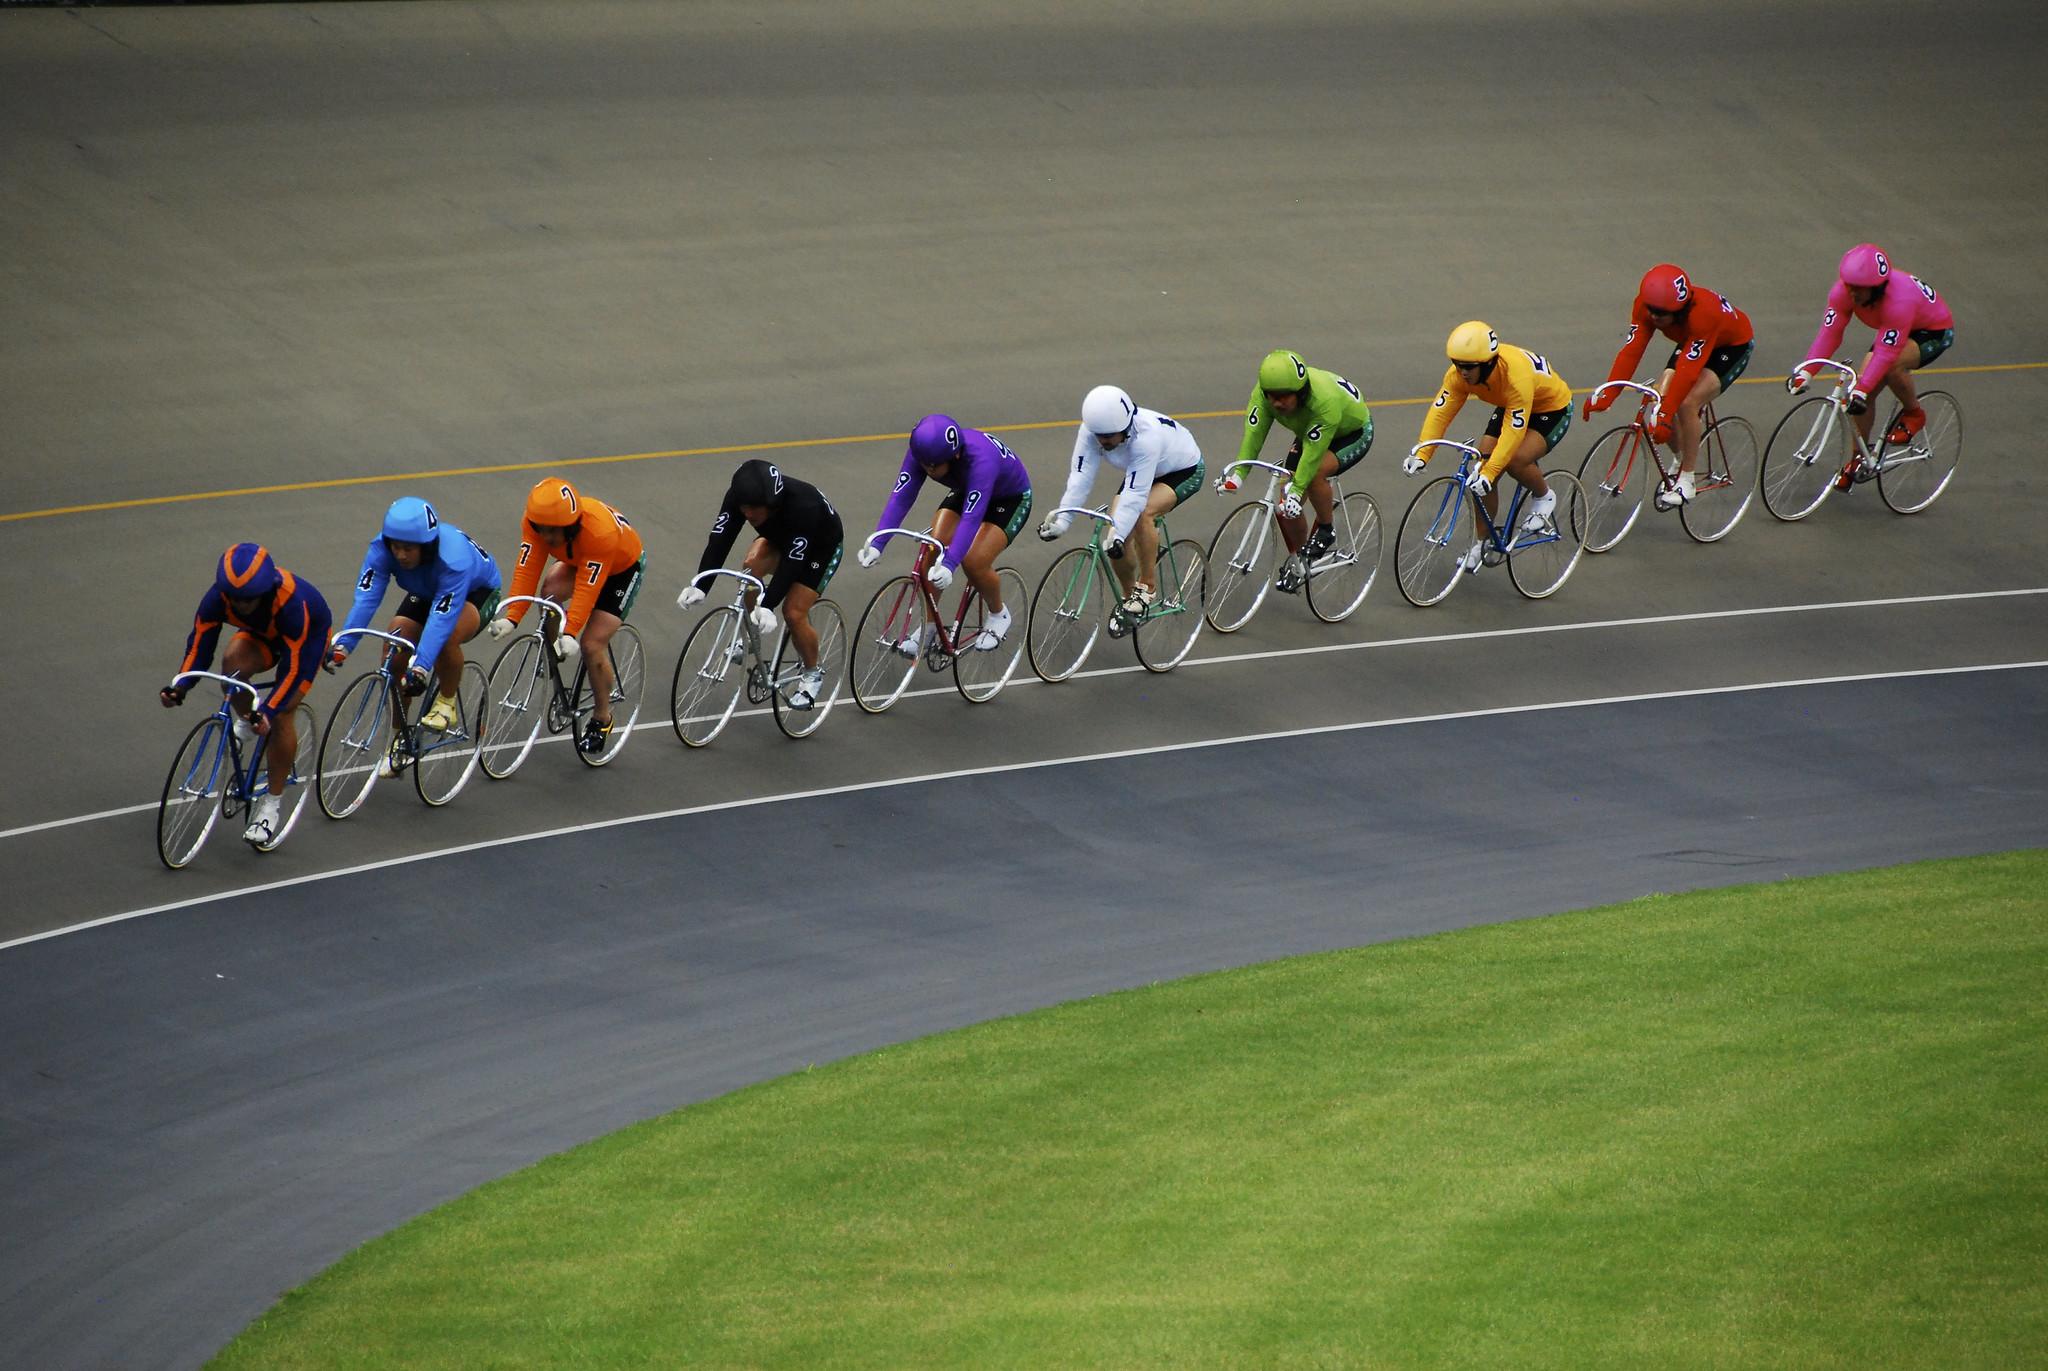 全国高校選抜自転車競技大会2020結果速報・ロード&トラック日程